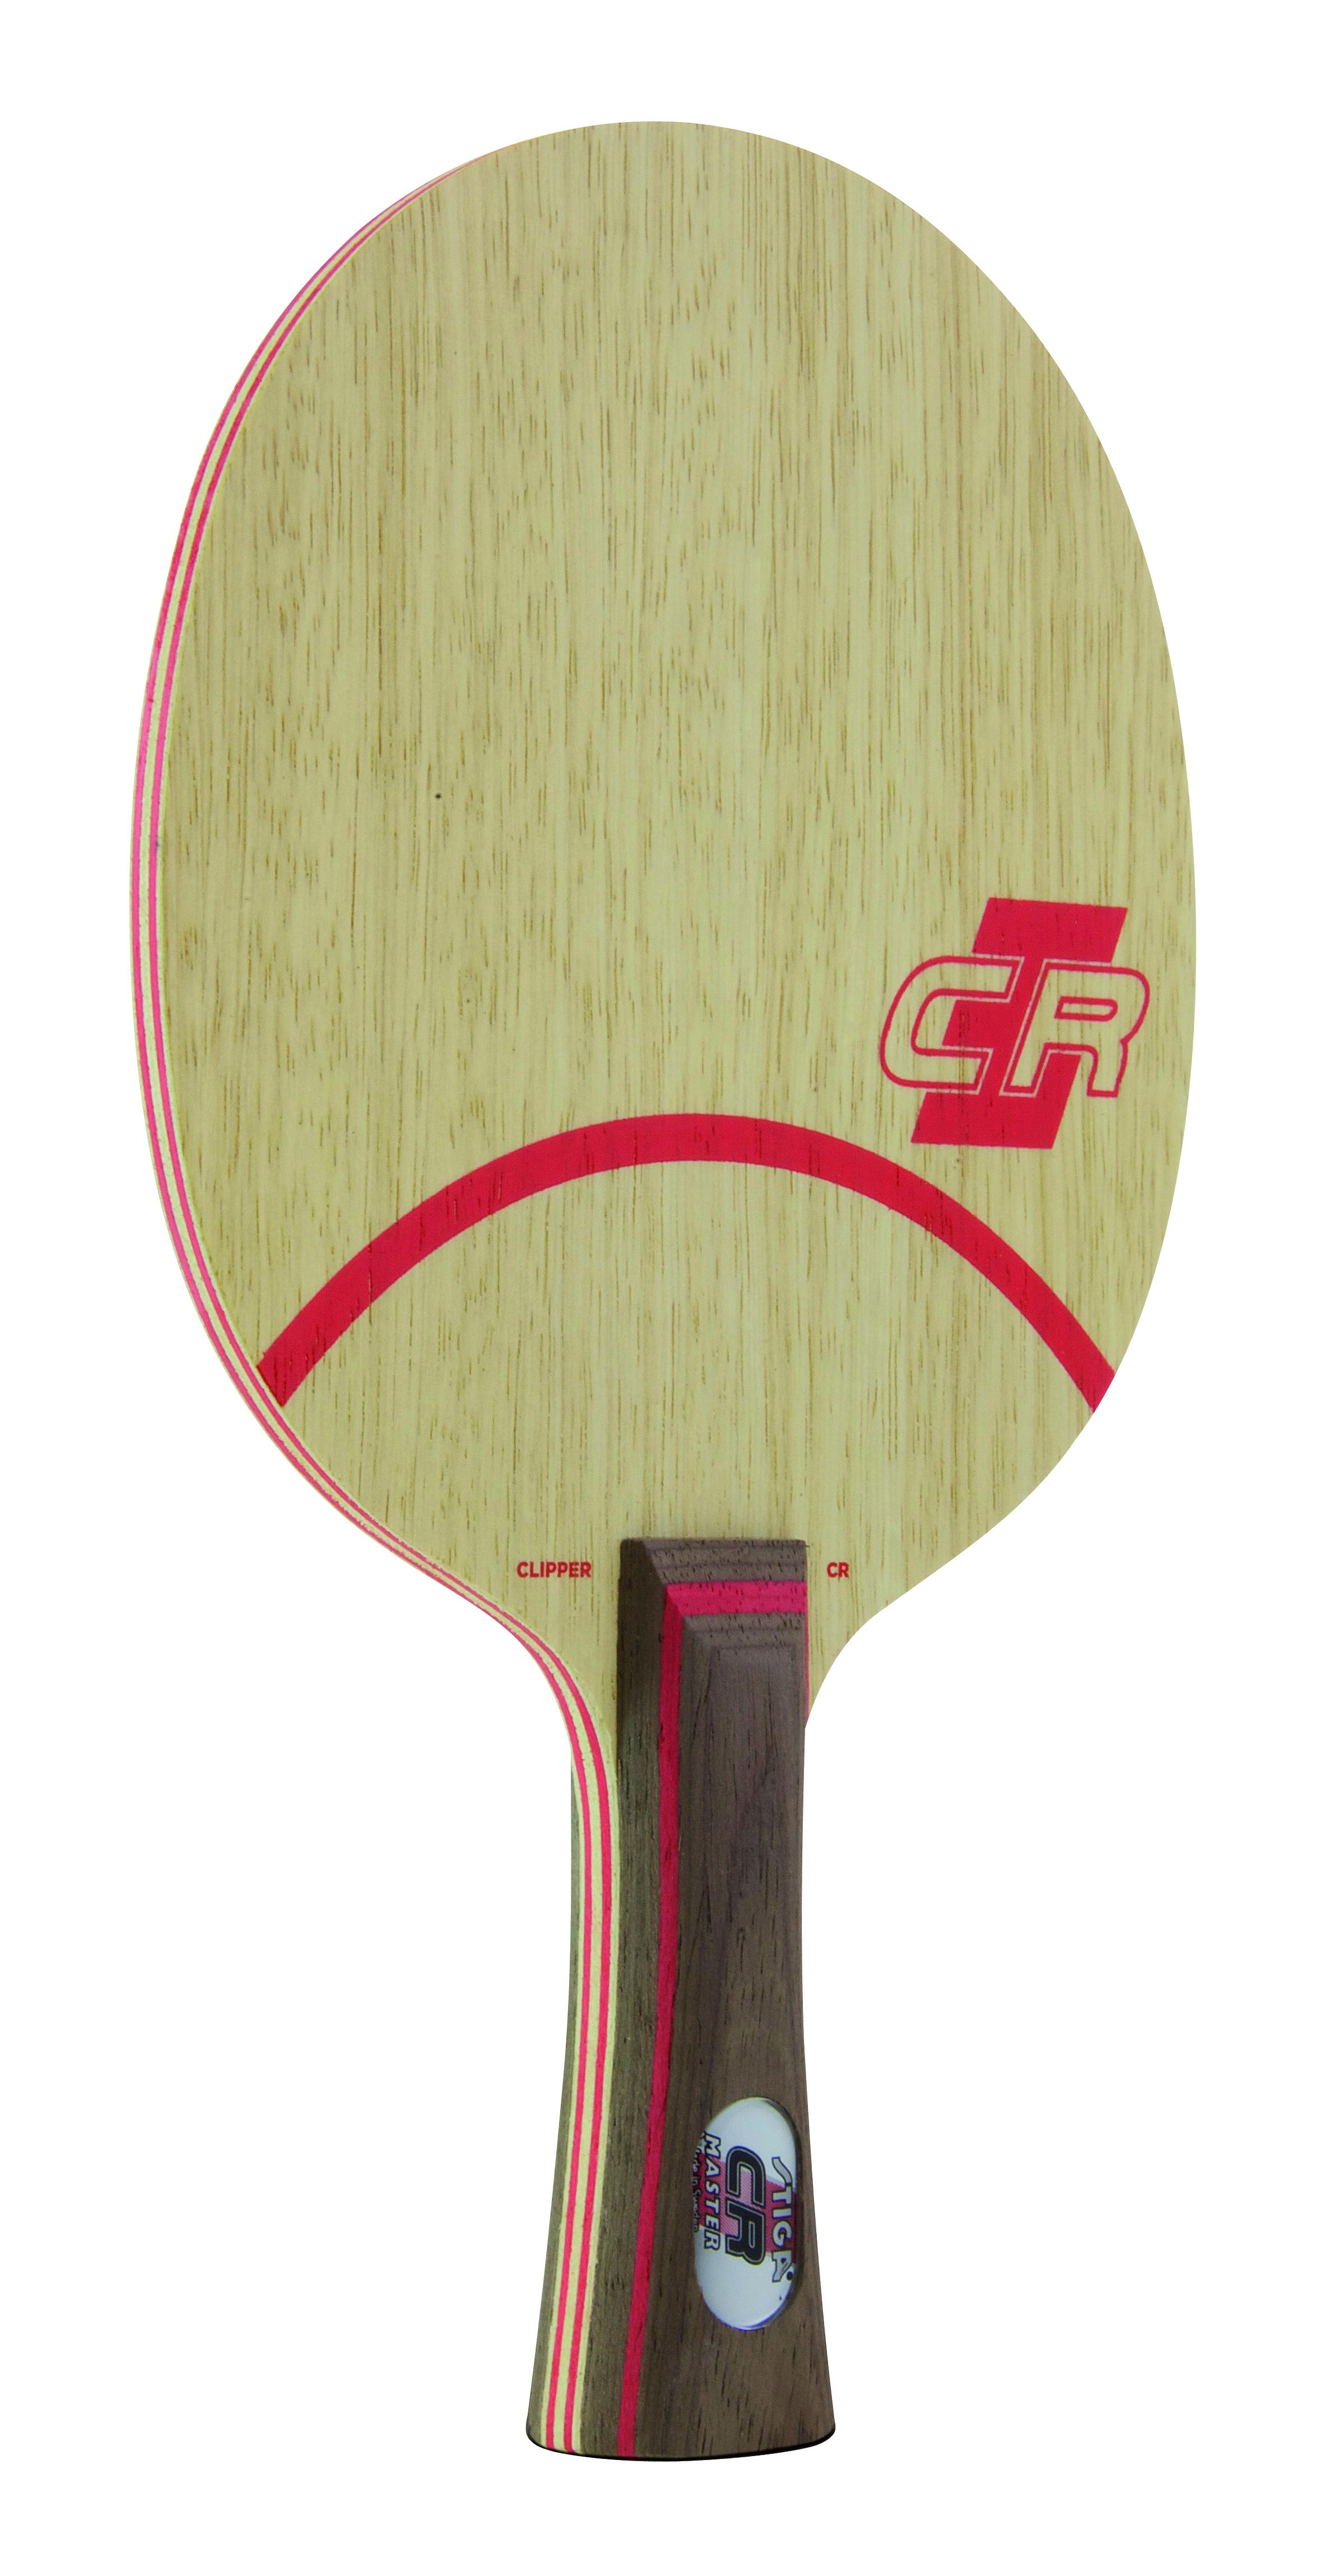 stiga-clipper-cr-tischtennis-holz